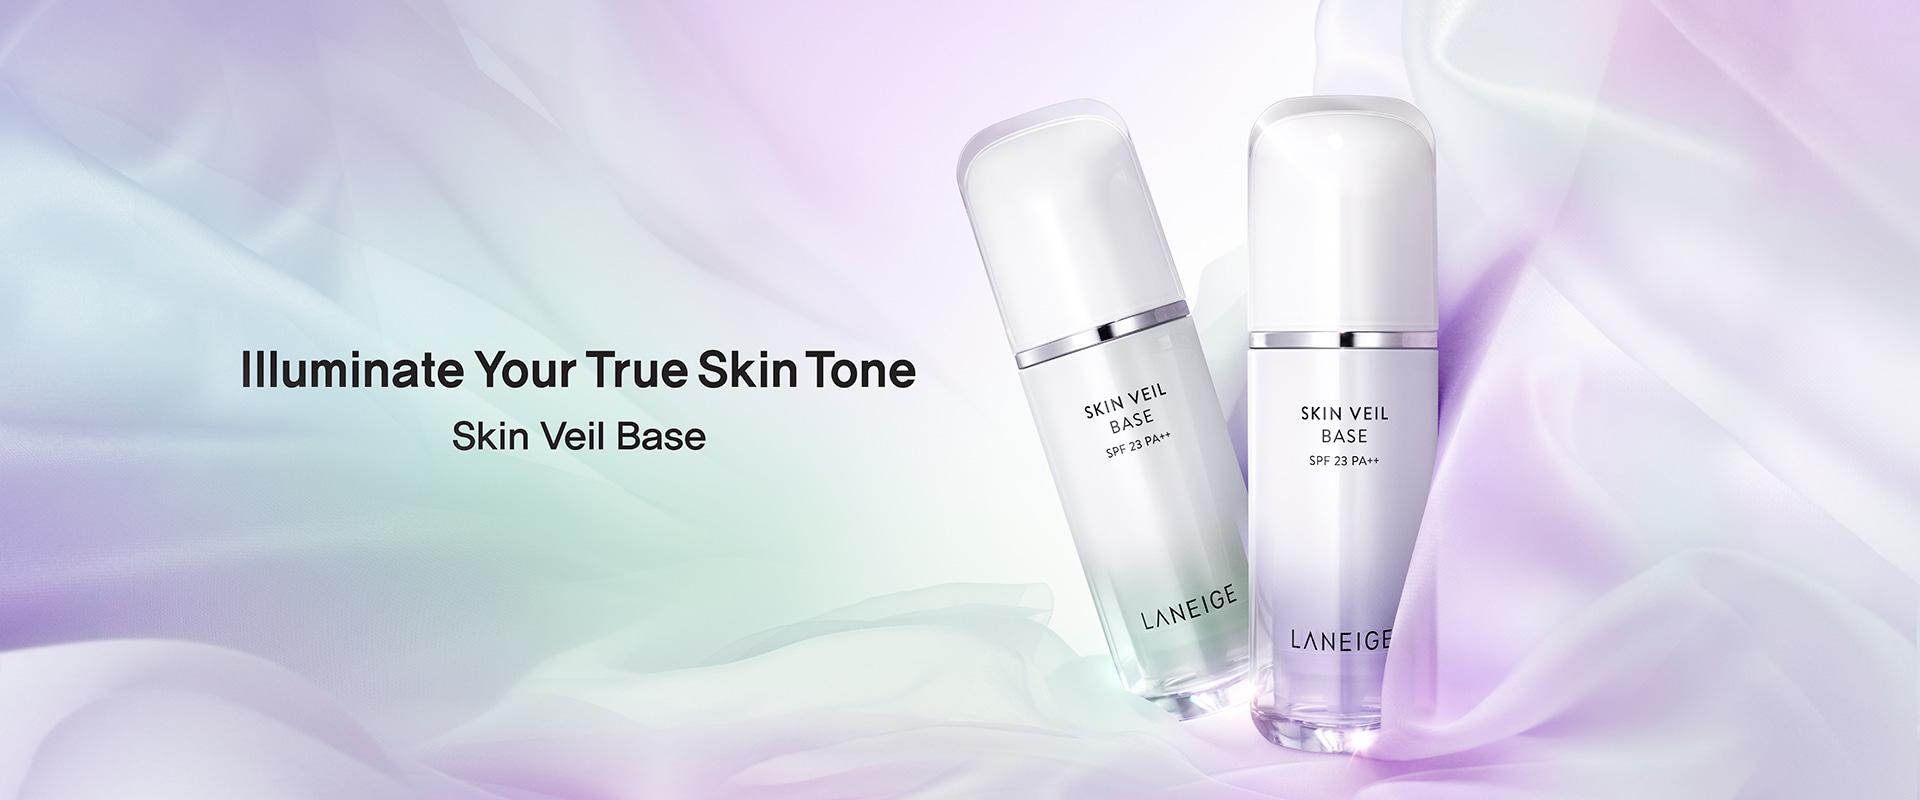 Illuminate Your True Skin Tone - Skin Veil Base